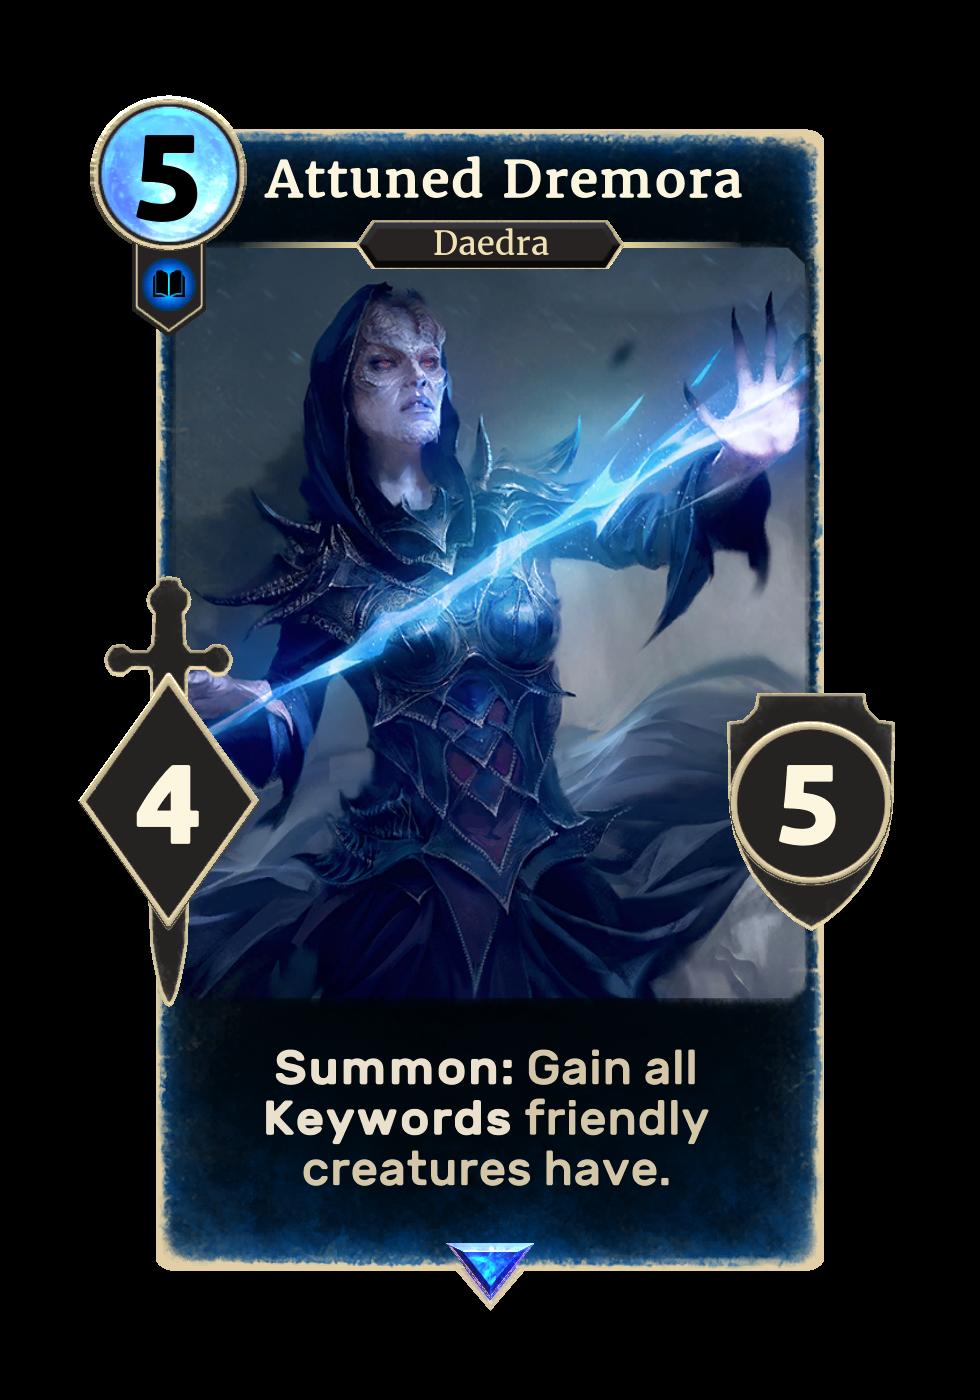 Attuned Dremora